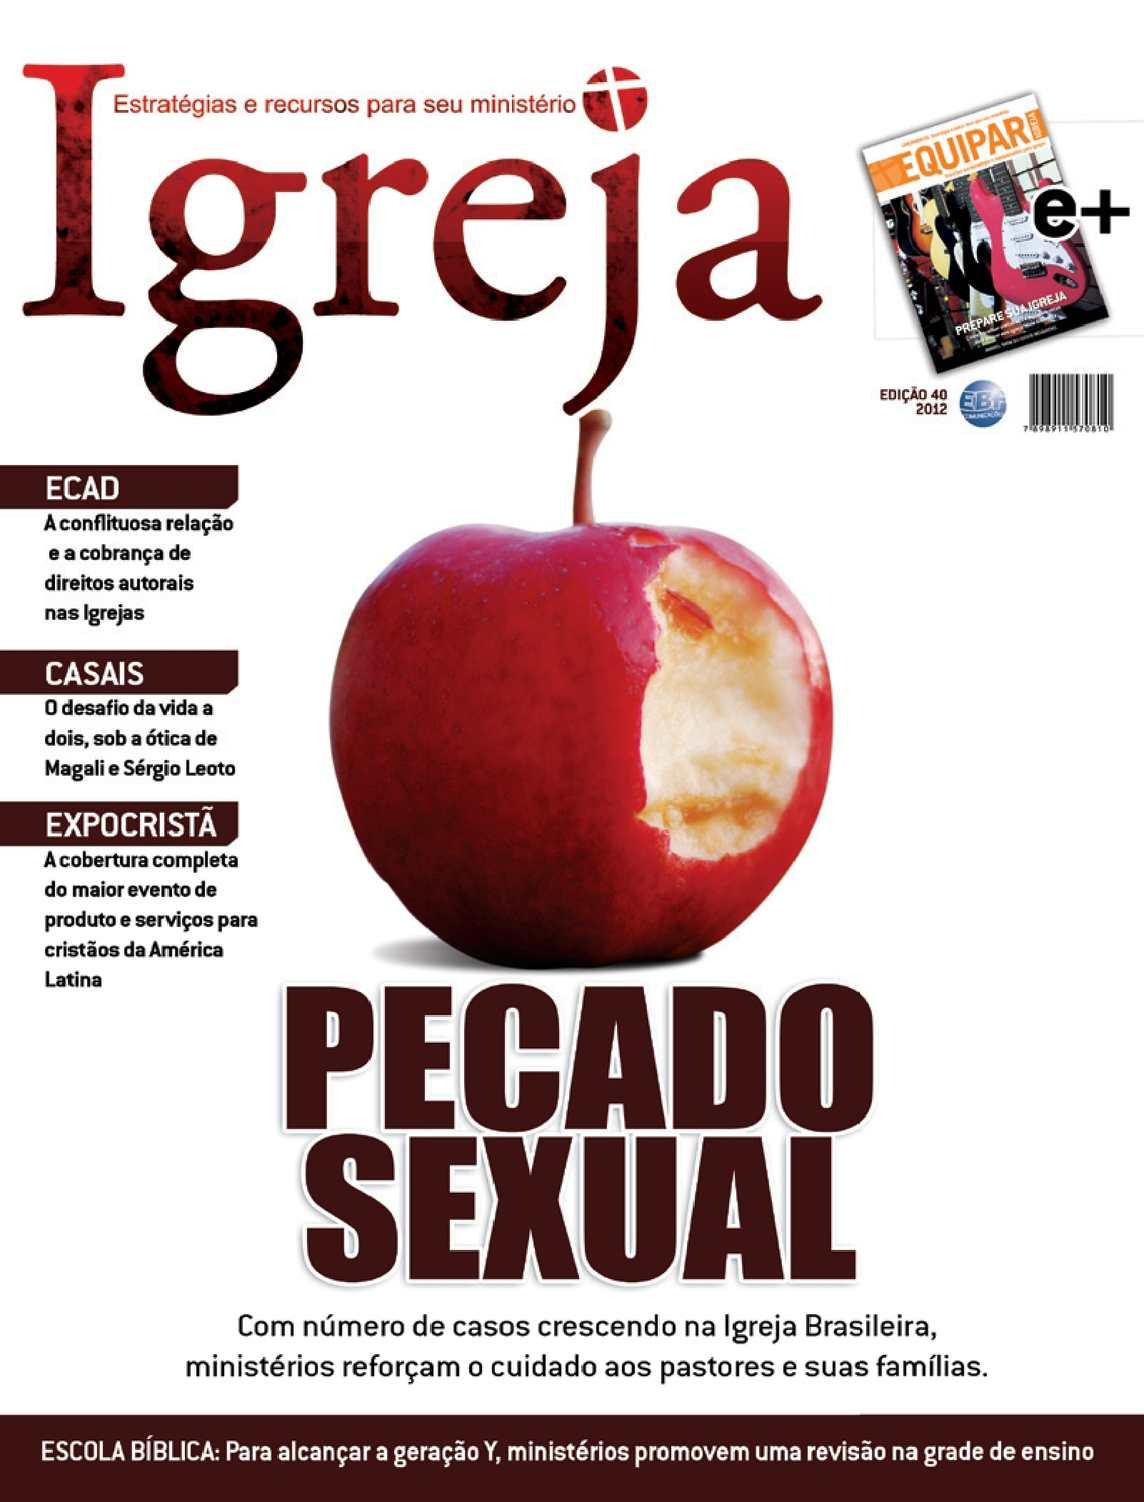 f1efd3289a Calaméo - Revista Igreja - a revista da liderança cristã brasileira